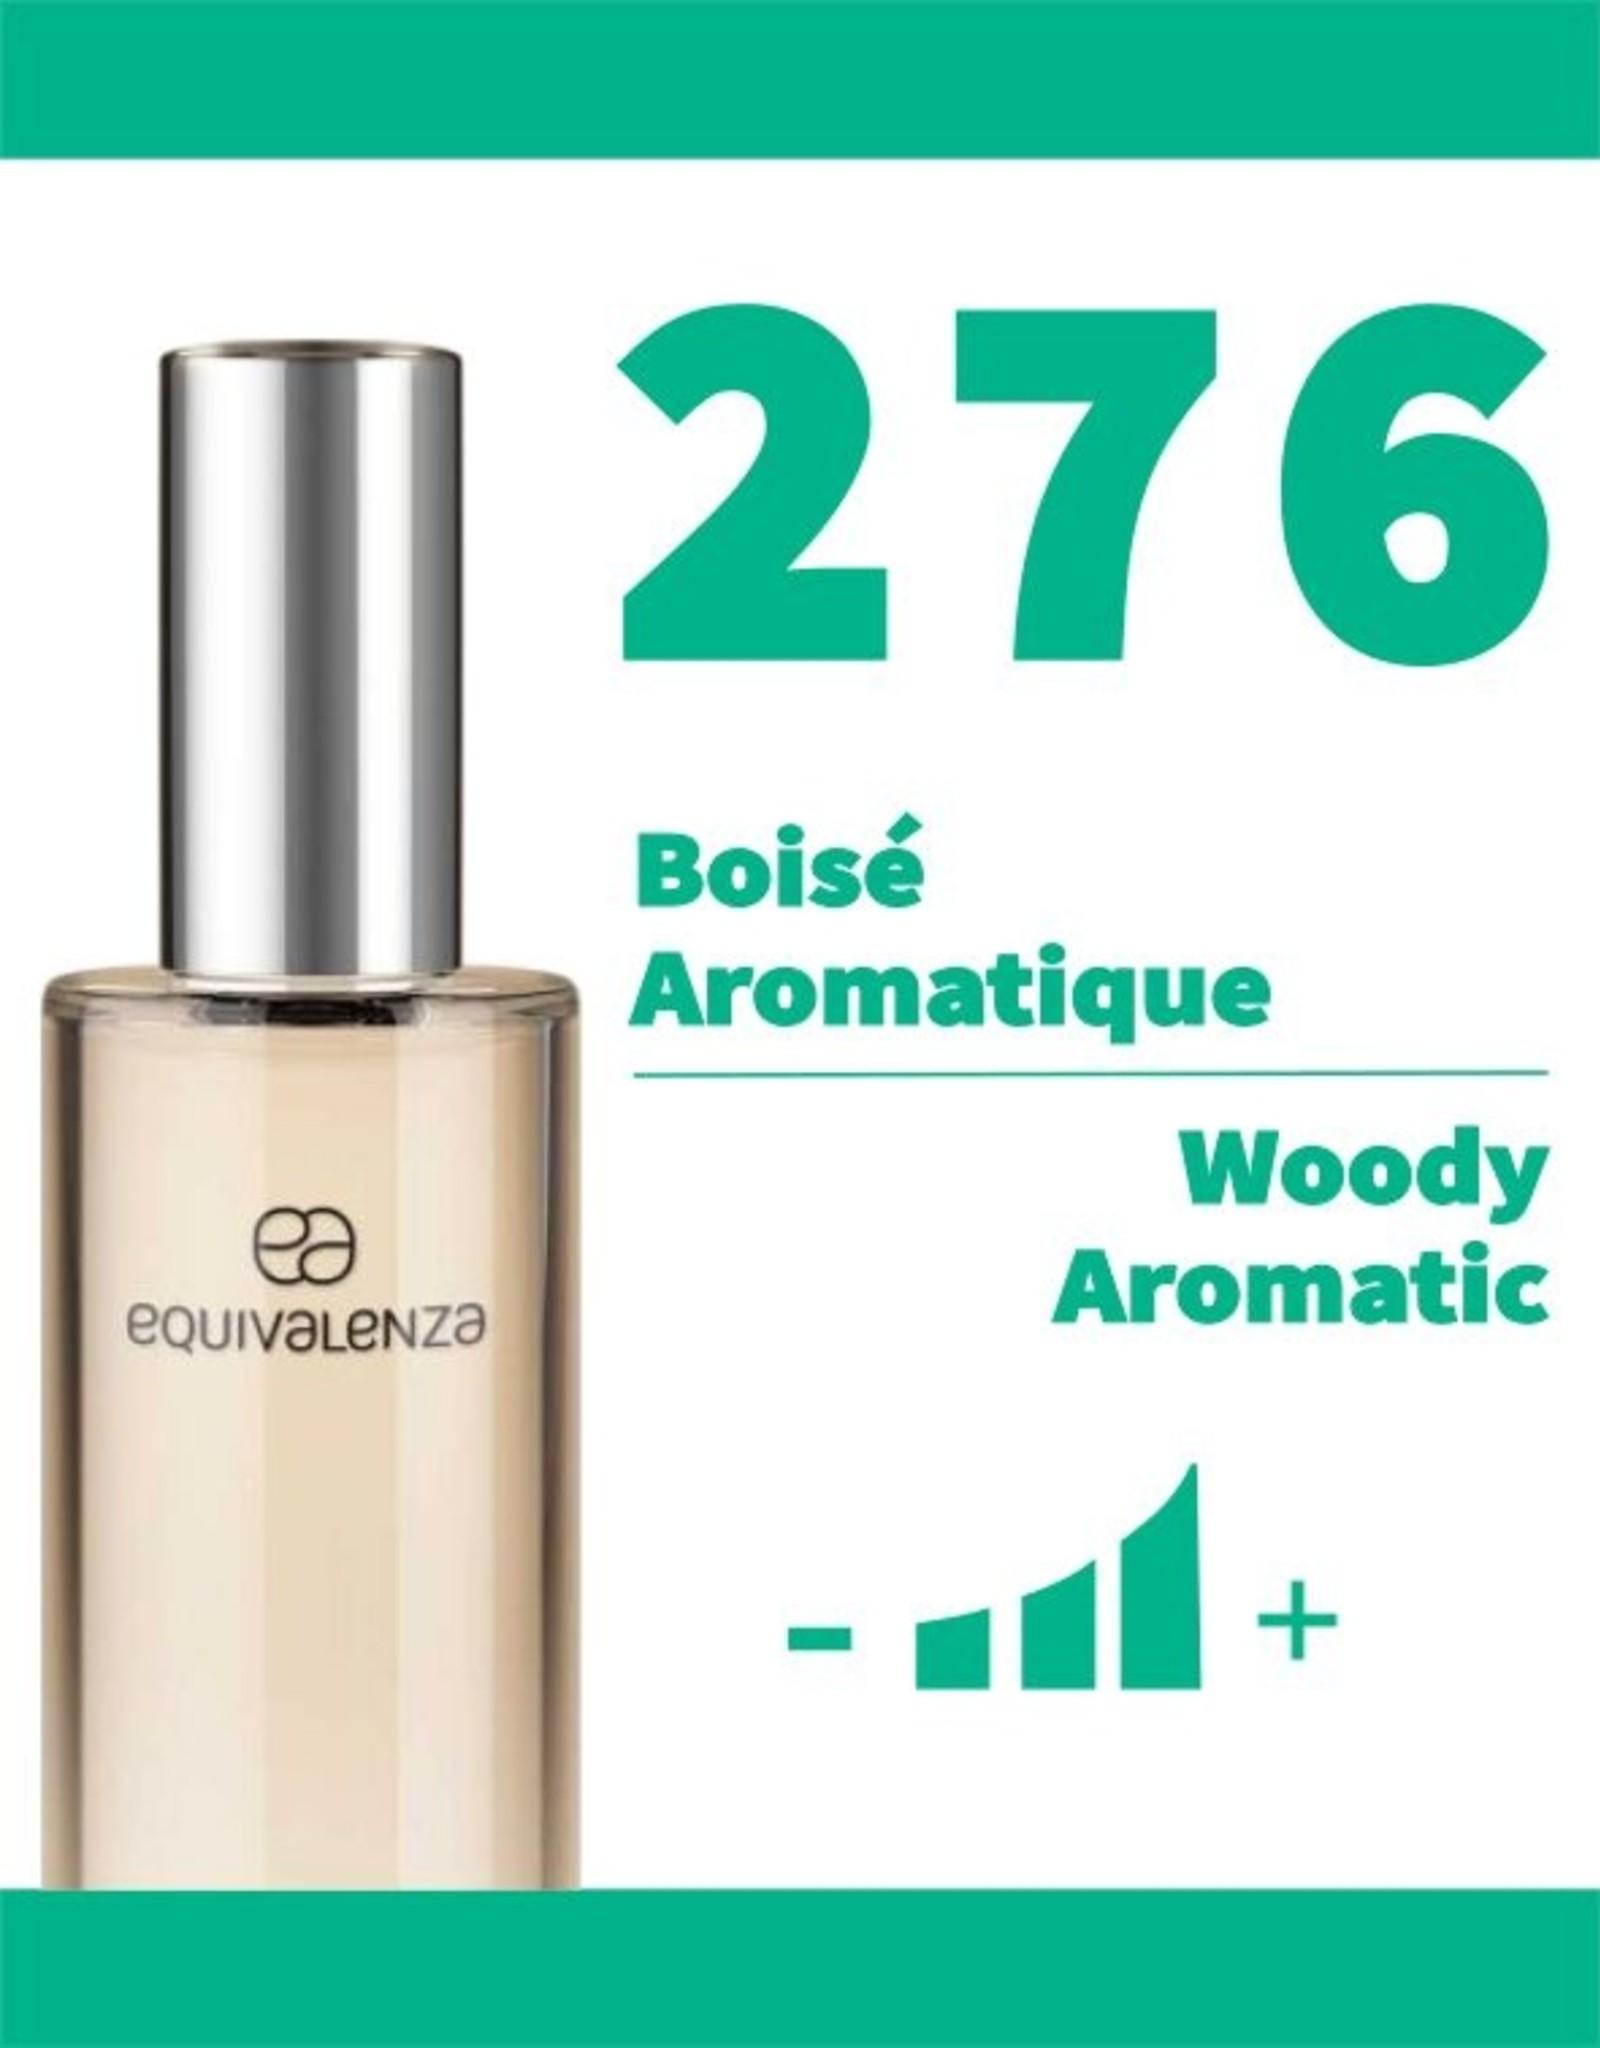 Equivalenza Boisé Aromatique 276